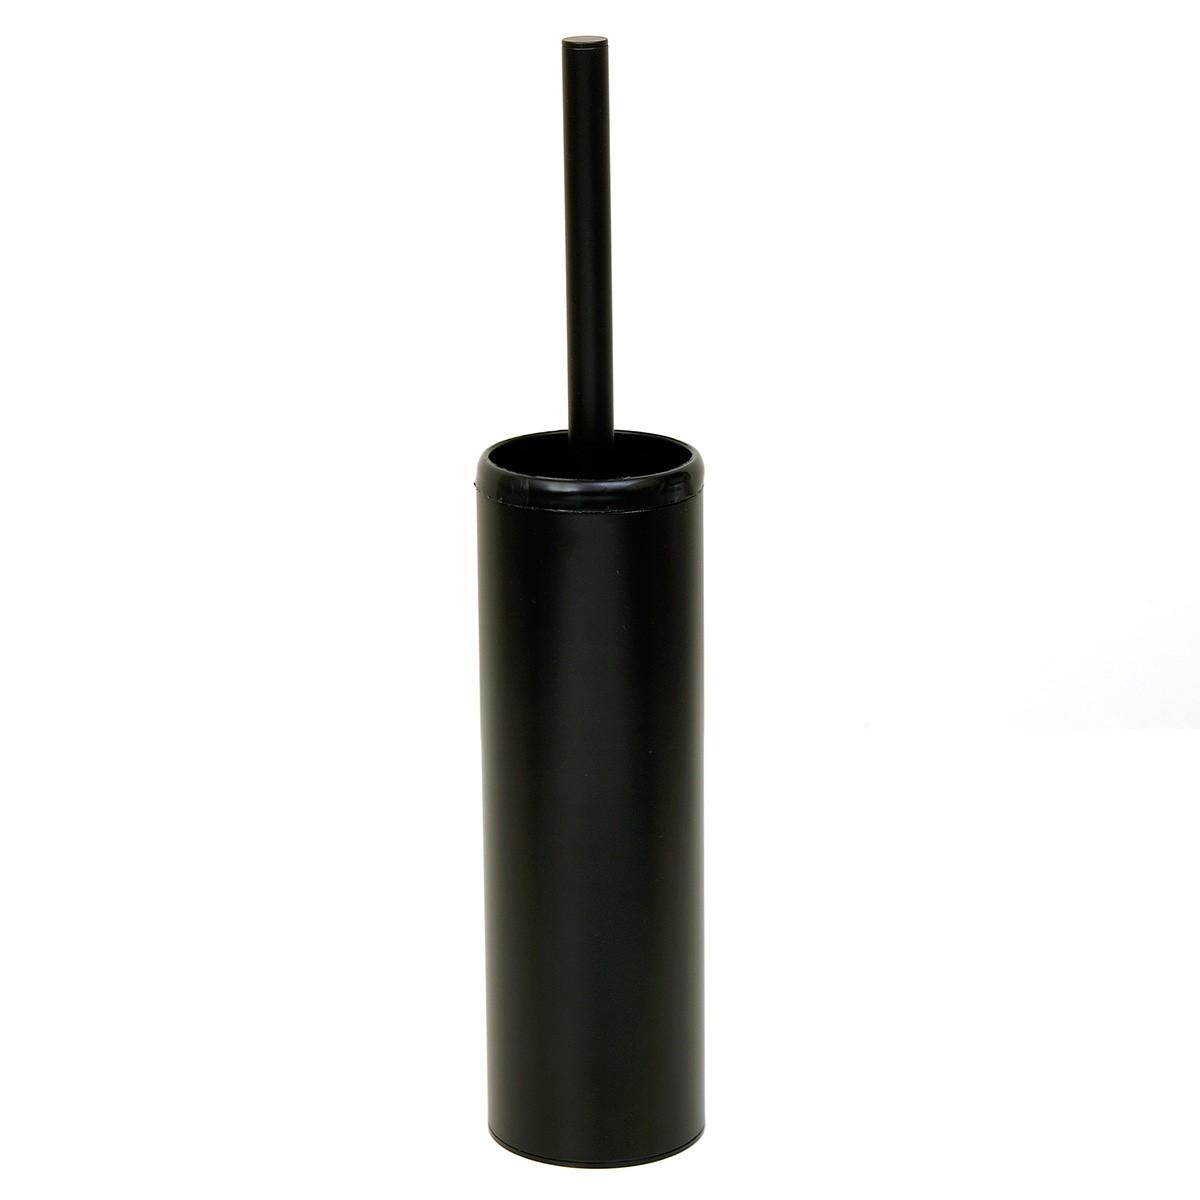 Πιγκάλ PamCo 516-403 Black Matte